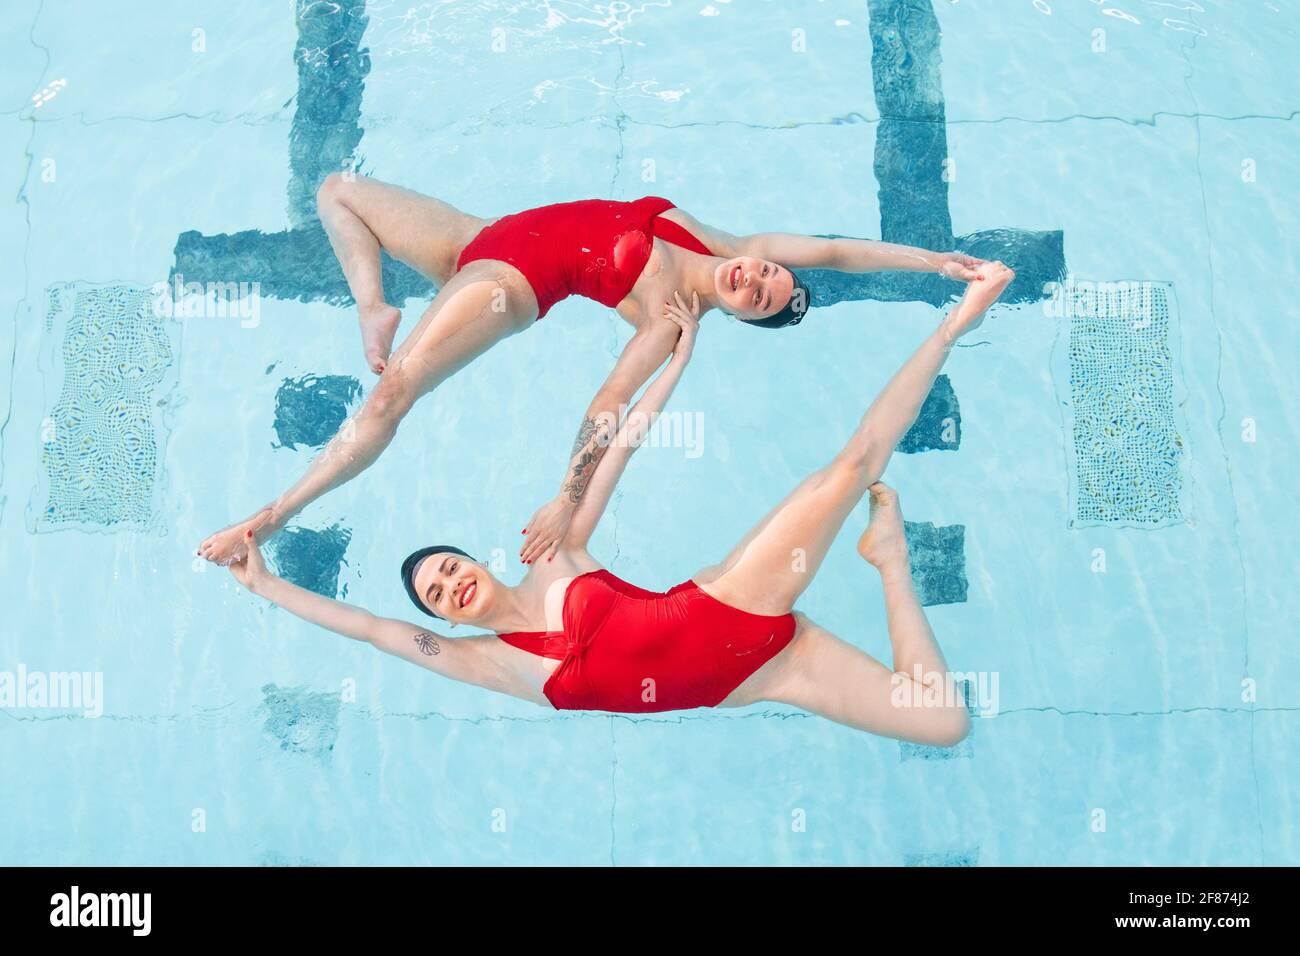 Rebecca Richardson (TOP) und Genevieve Florence, Mitglieder des Aquabatix-Synchronschwimmteams, während einer Trainingseinheit im Schwimmbad des Clissold Leisure Centre im Norden Londons, das für die Öffentlichkeit wiedereröffnet wurde, da England einen weiteren Schritt zurück in Richtung Normalität unternimmt und die Sperrbeschränkungen weiter lockert. Bilddatum: Montag, 12. April 2021. Stockfoto